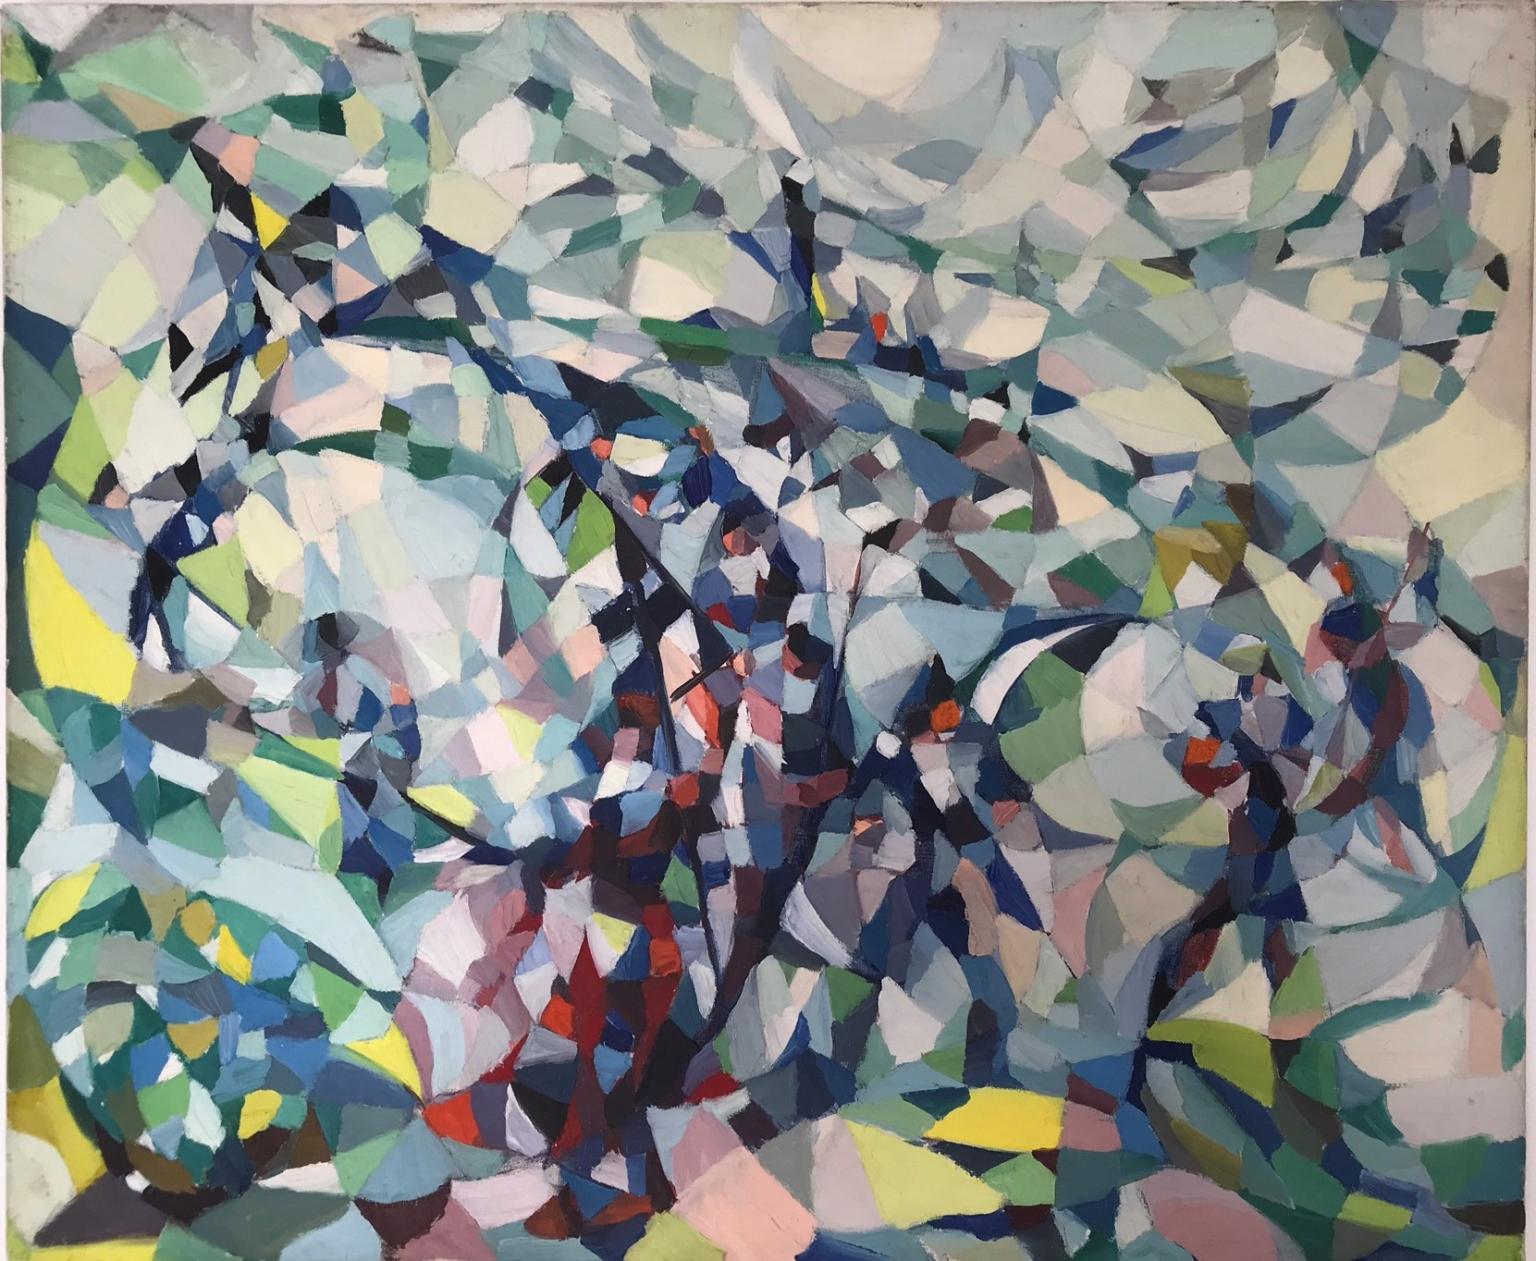 Bild des Werkes mit dem Titel: Frauen am Berghang